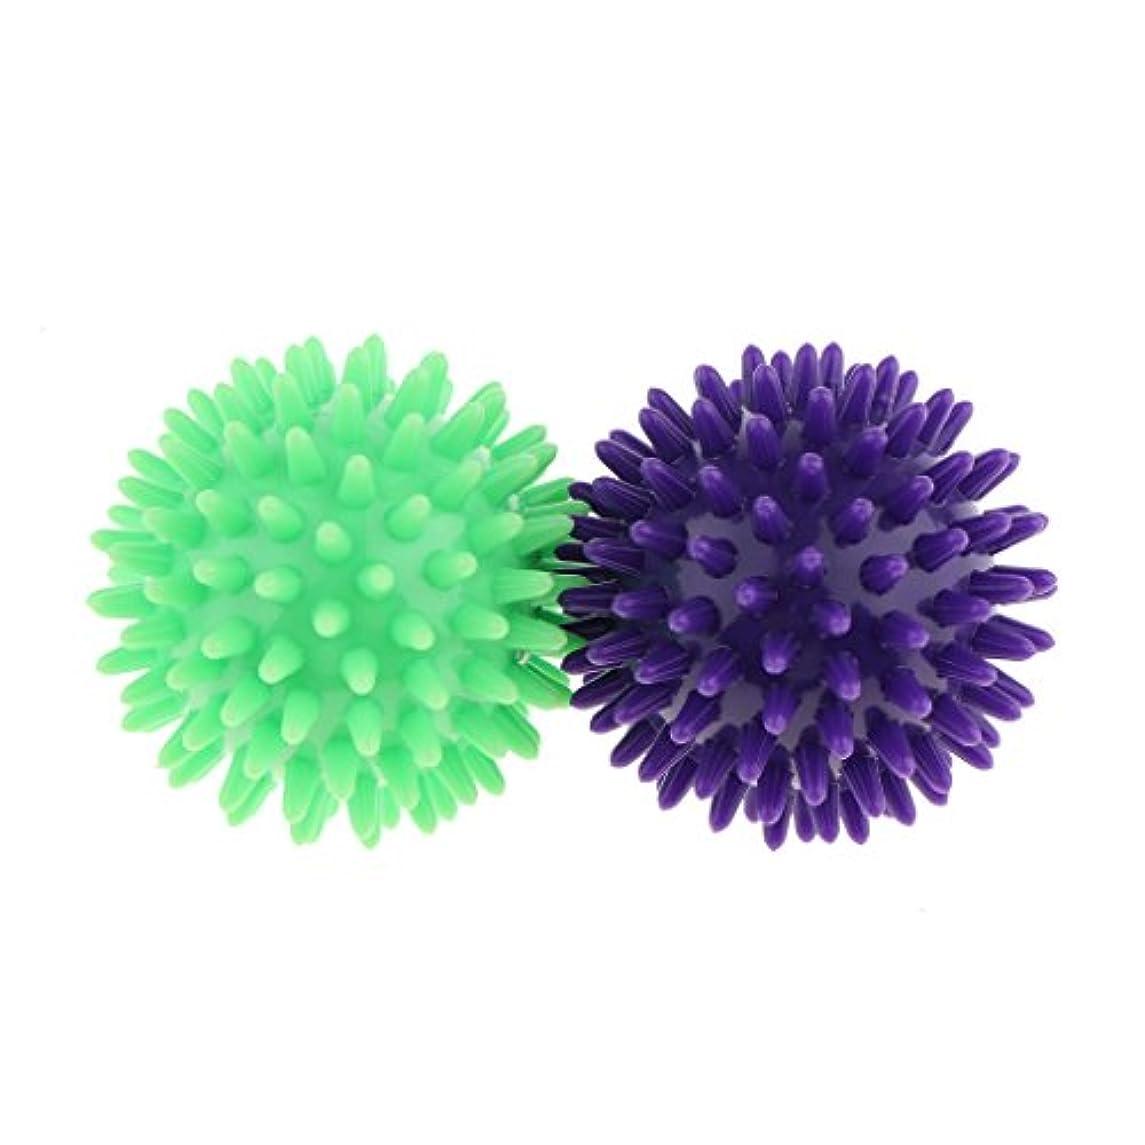 バレルライセンスバルセロナKesoto マッサージボール スパイシー マッサージ ボール ボディトリガー ポイント 2個セット 3タイプ選べ - 紫ライトグリーン